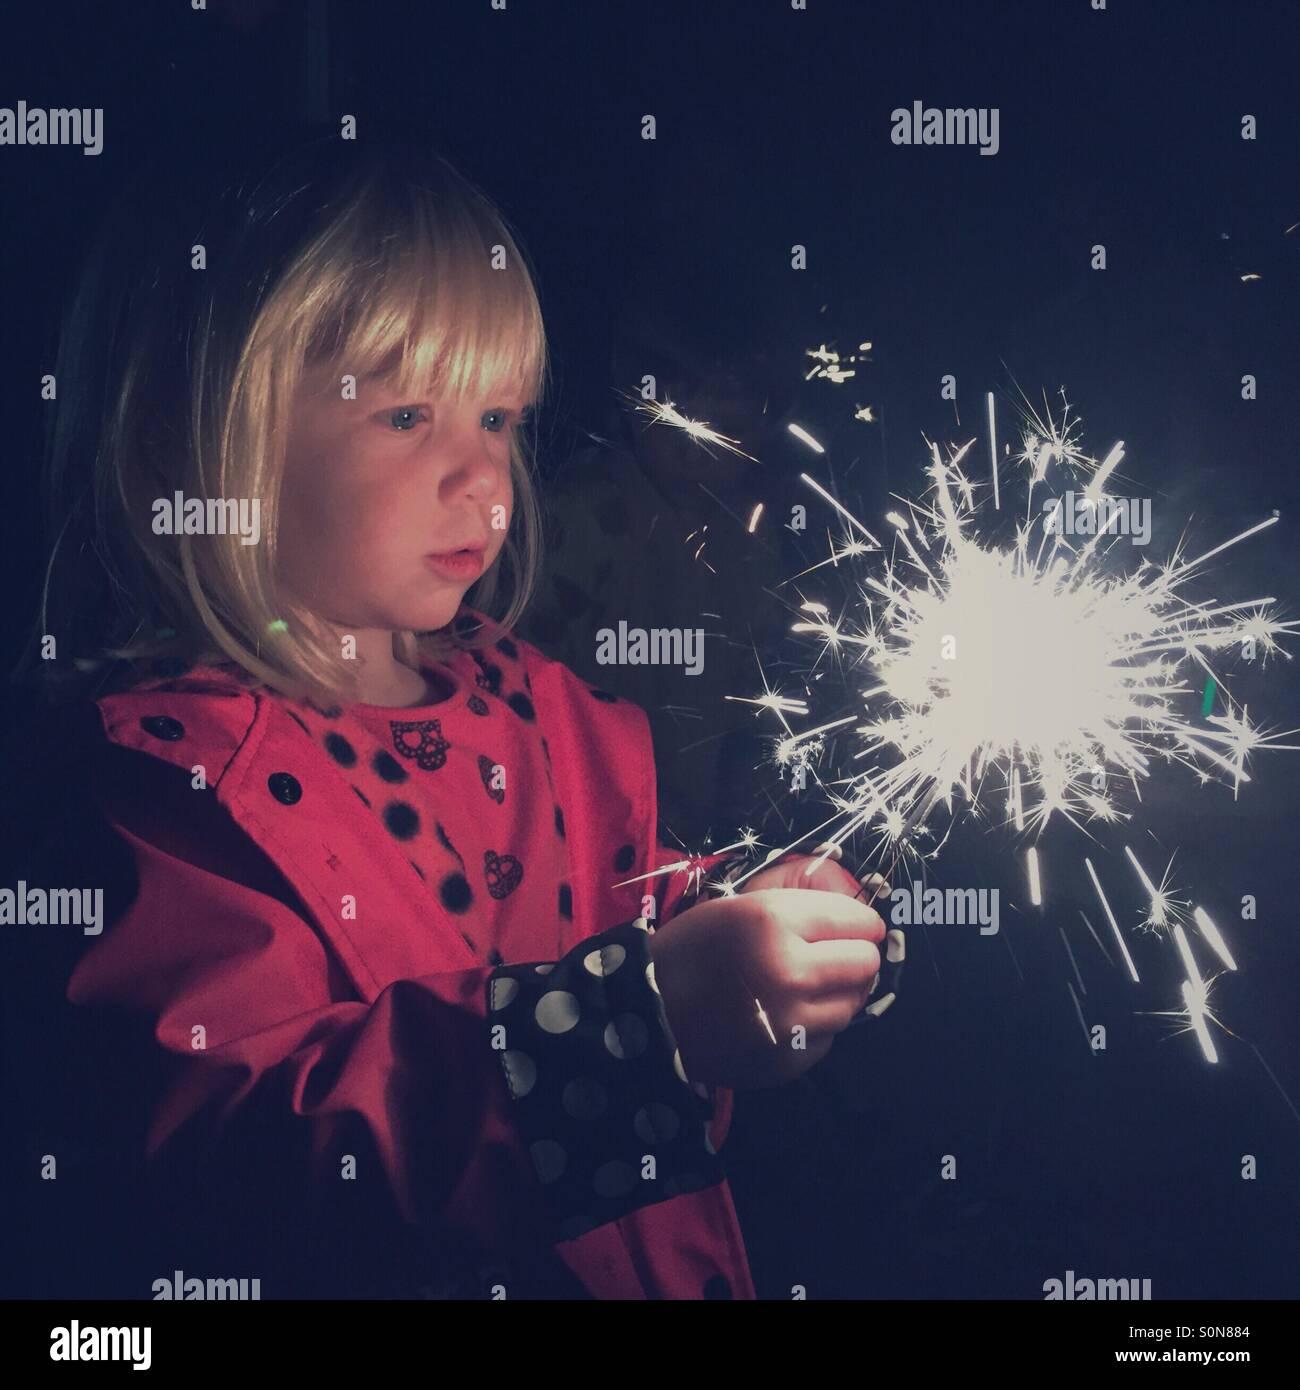 Junge blonde Kaukasische Mädchen starrt angestrengt als Sparkler hält sie ihr Gesicht leuchtet auf. Stockbild